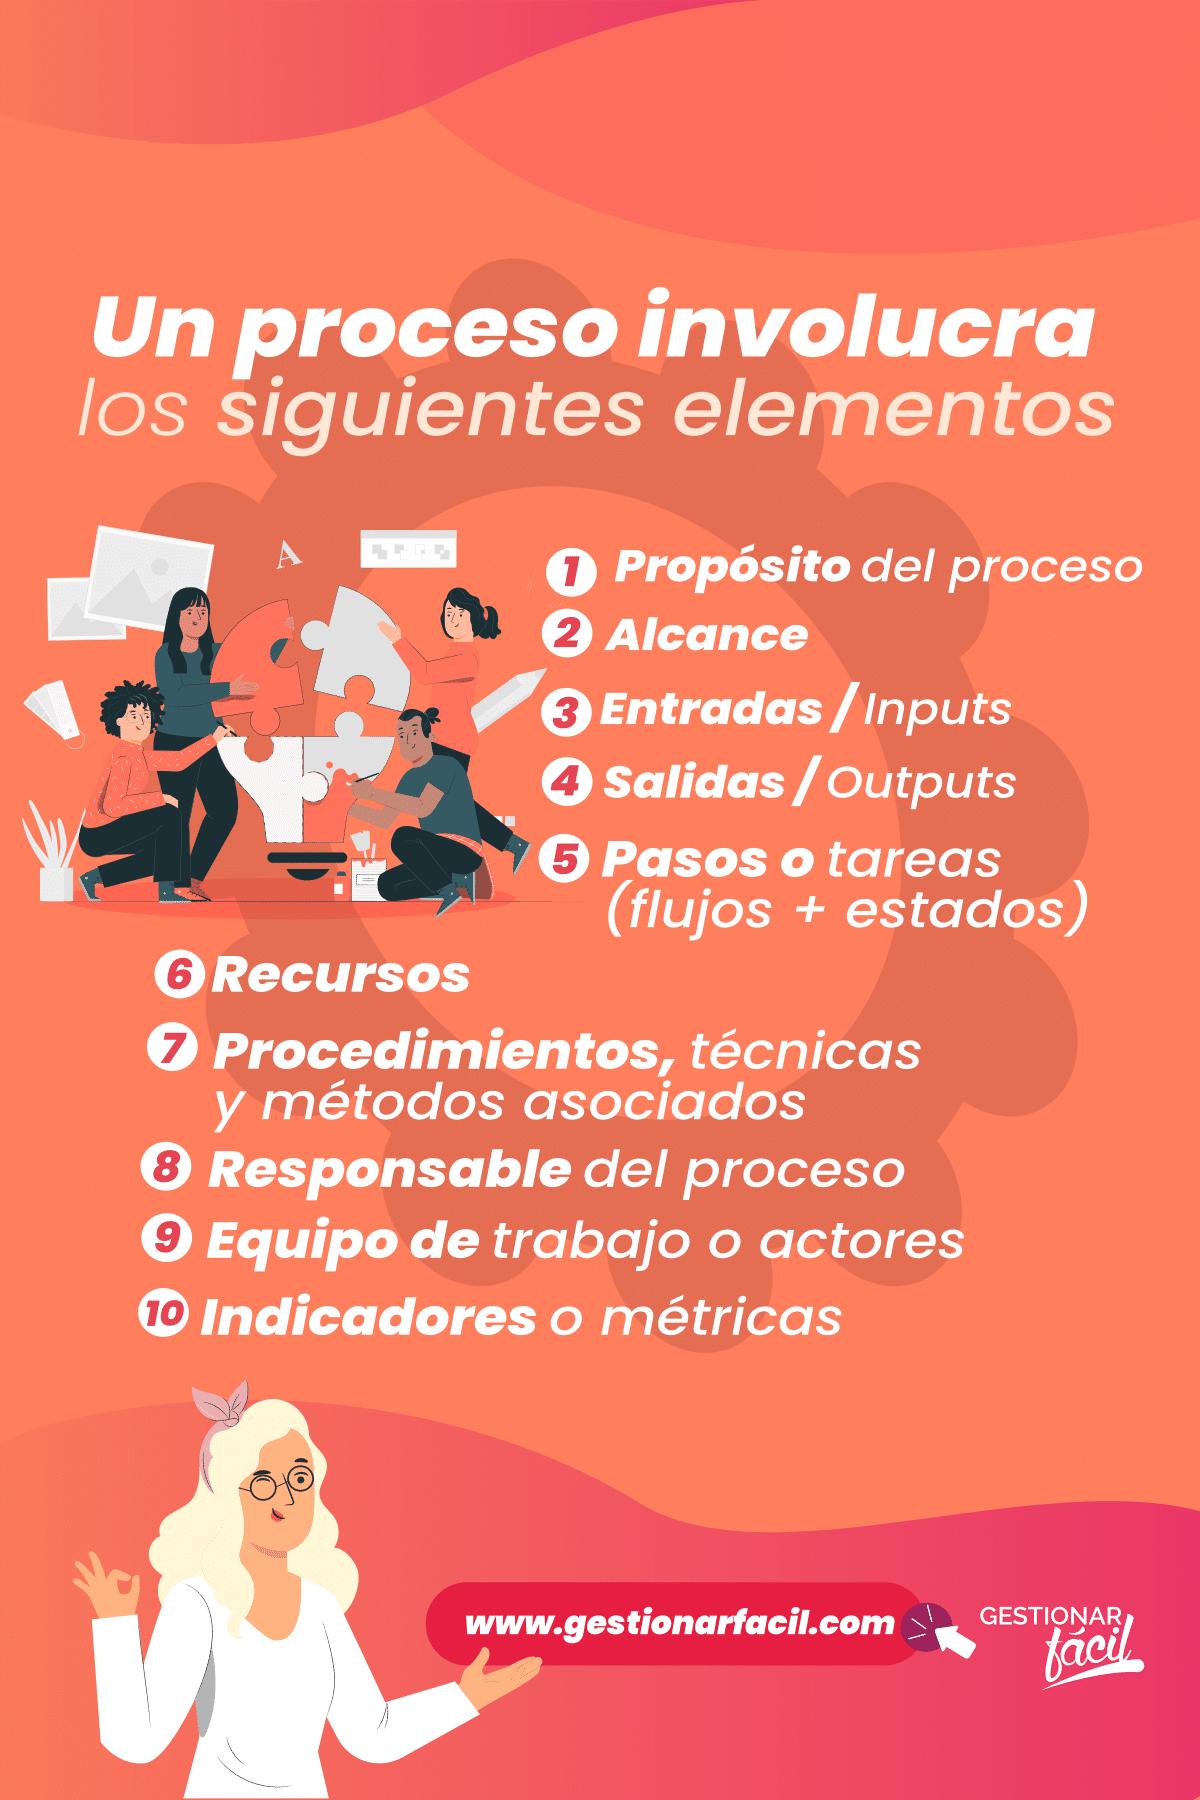 Elementos para definir un proceso en una empresa de venta.